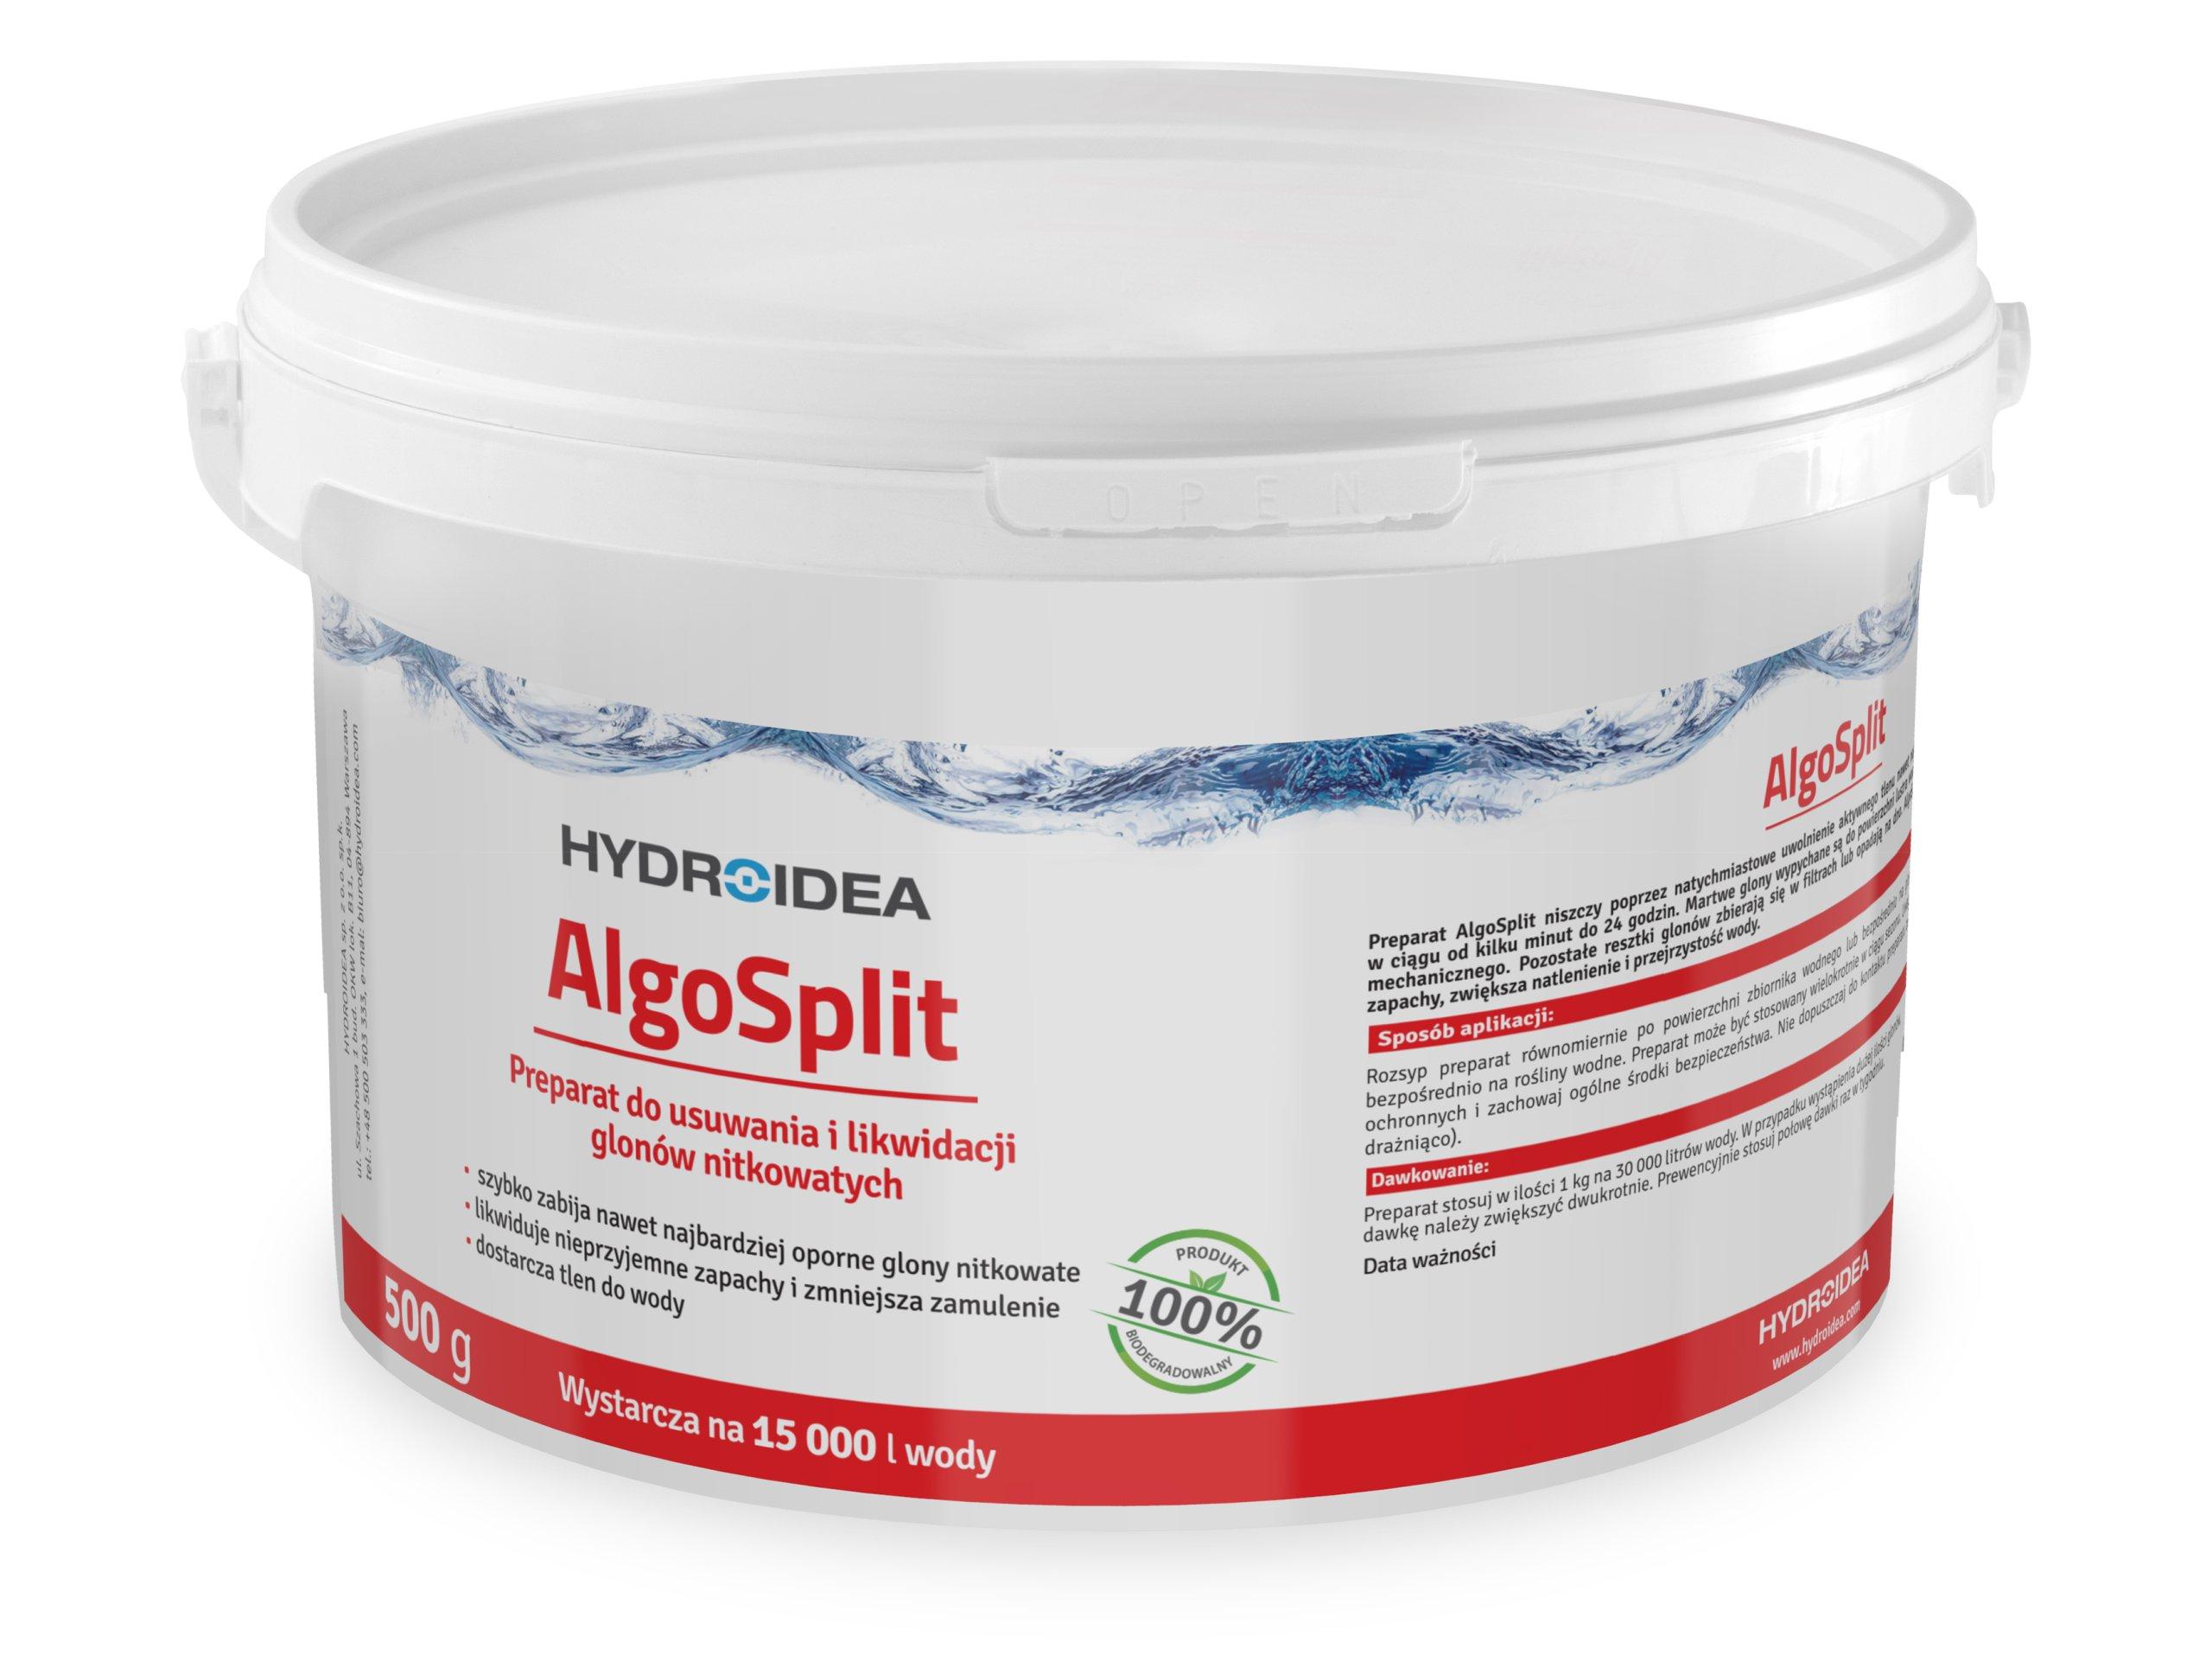 HYDROIDEA AlgoSplit удаляет нитевидные водоросли 500 г